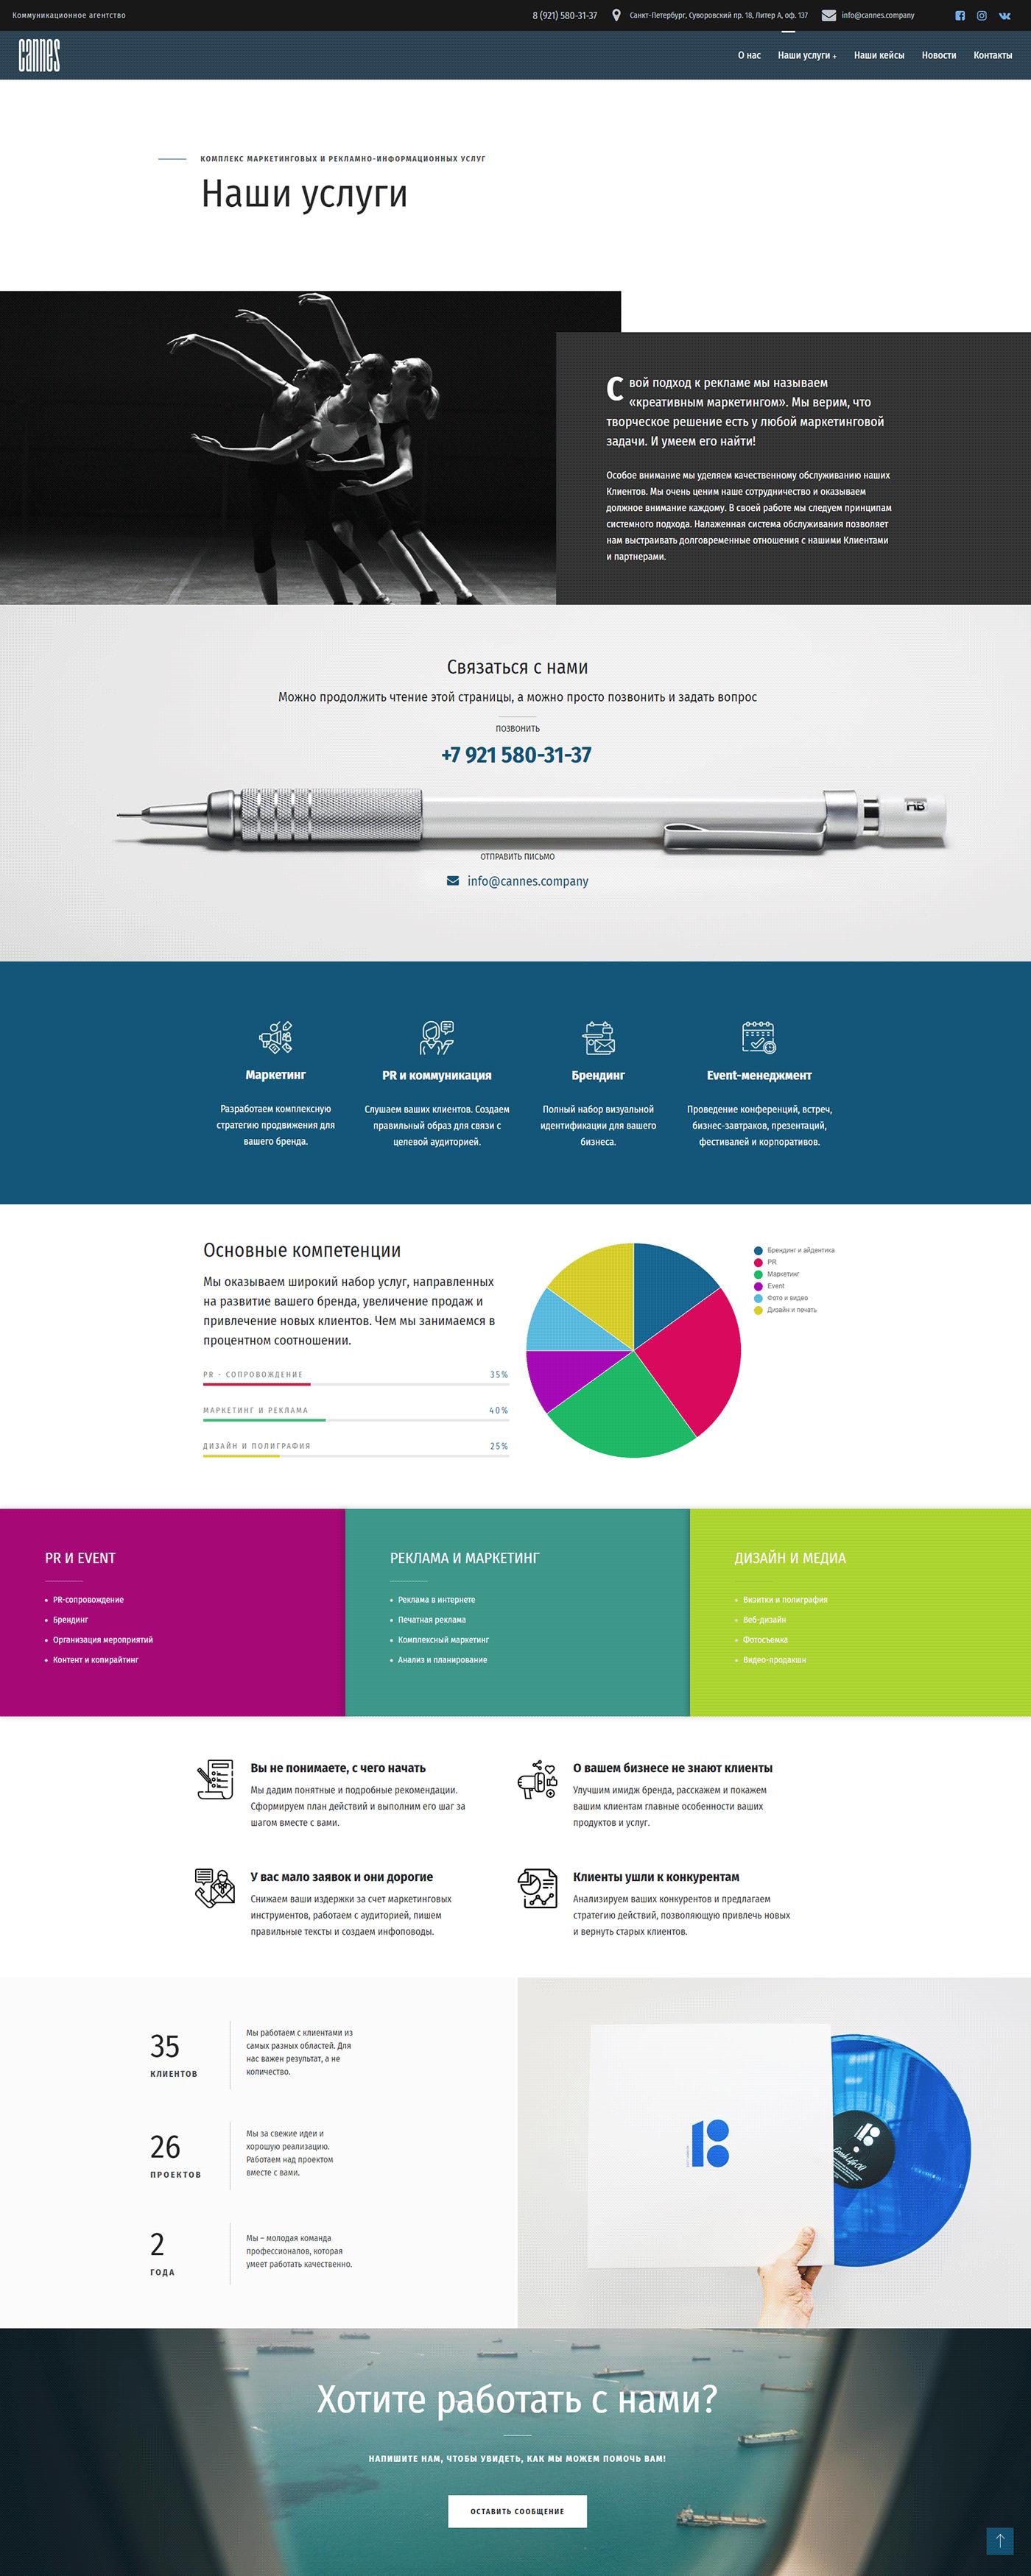 Корпоративный сайт wordpress